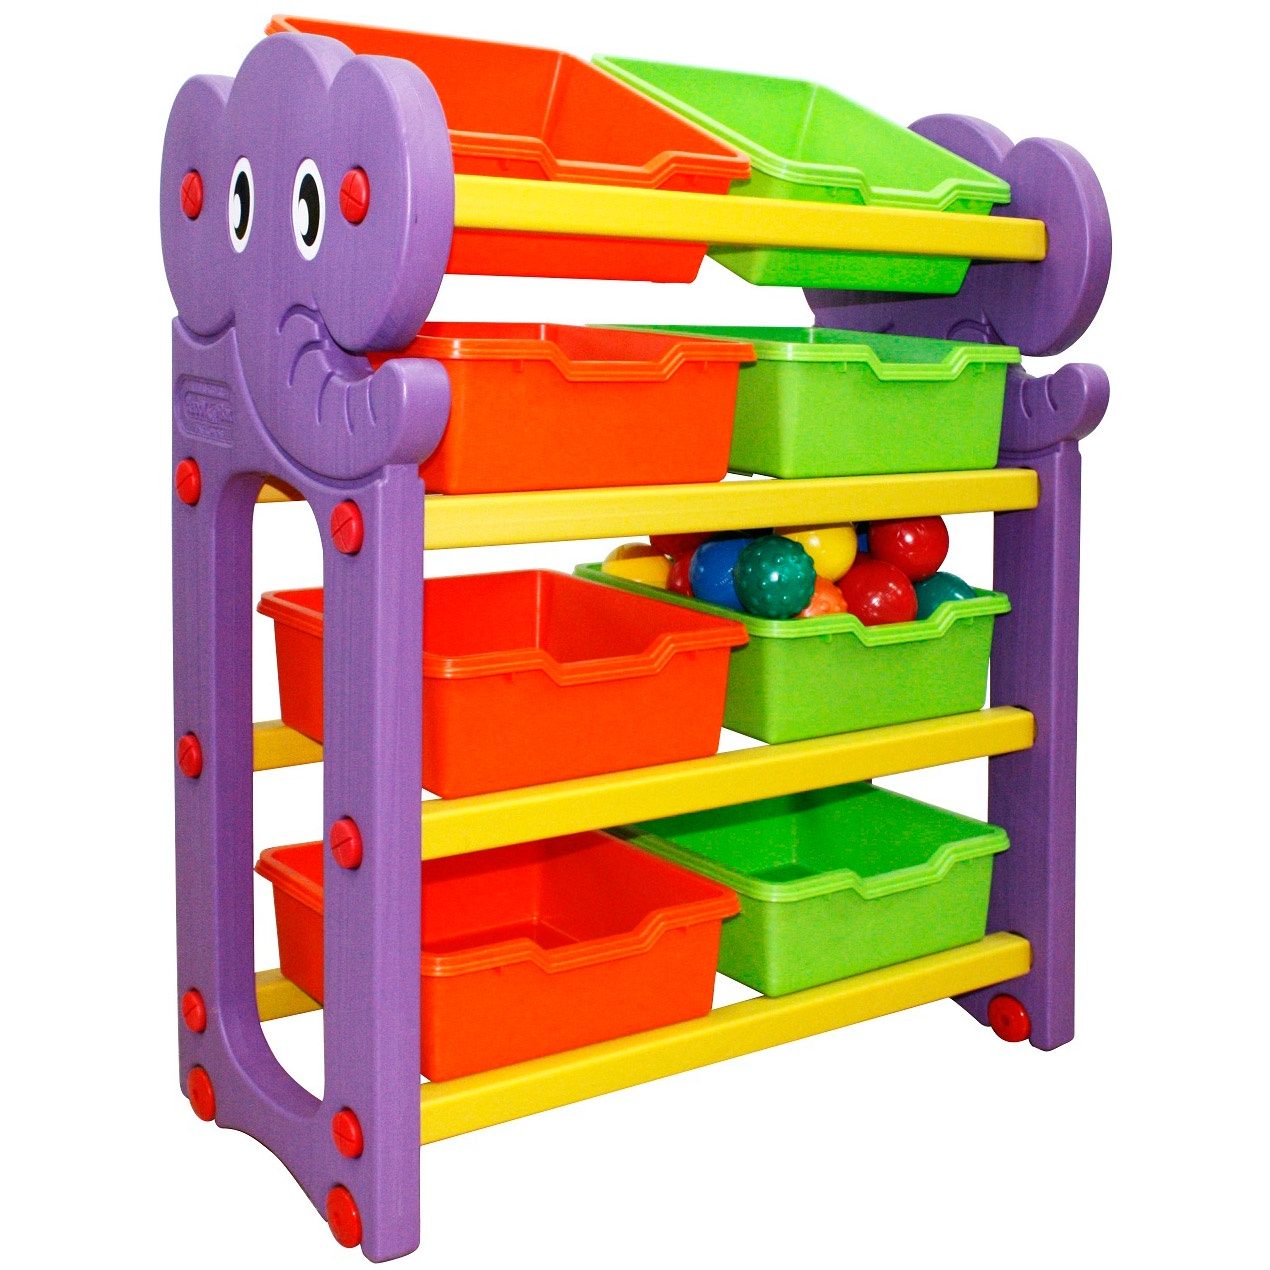 купить Стеллаж для хранения игрушек (4 секции) HAPPY BOX JM-809A по цене 7700 рублей